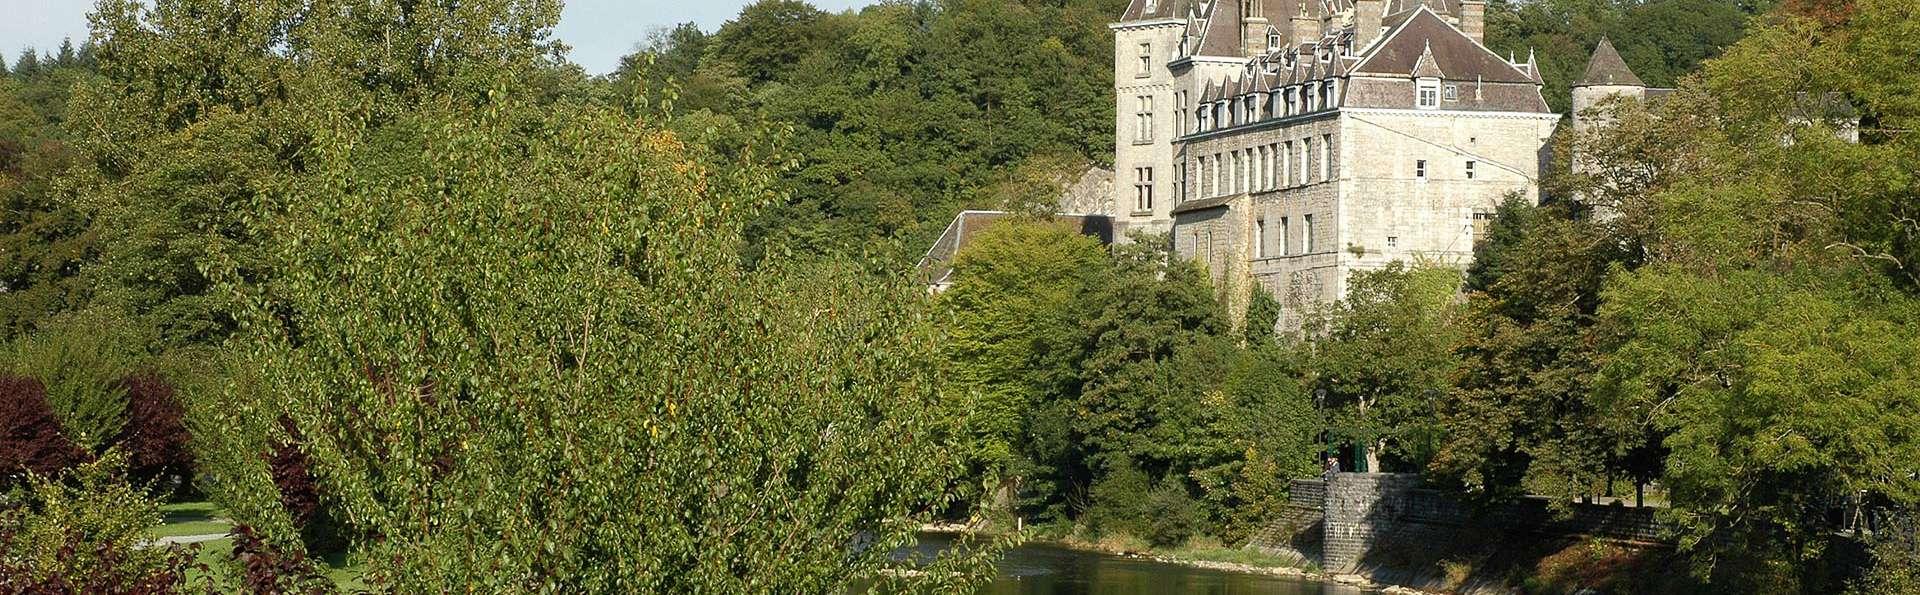 Le Vieux Pont - EDIT_destination3.jpg